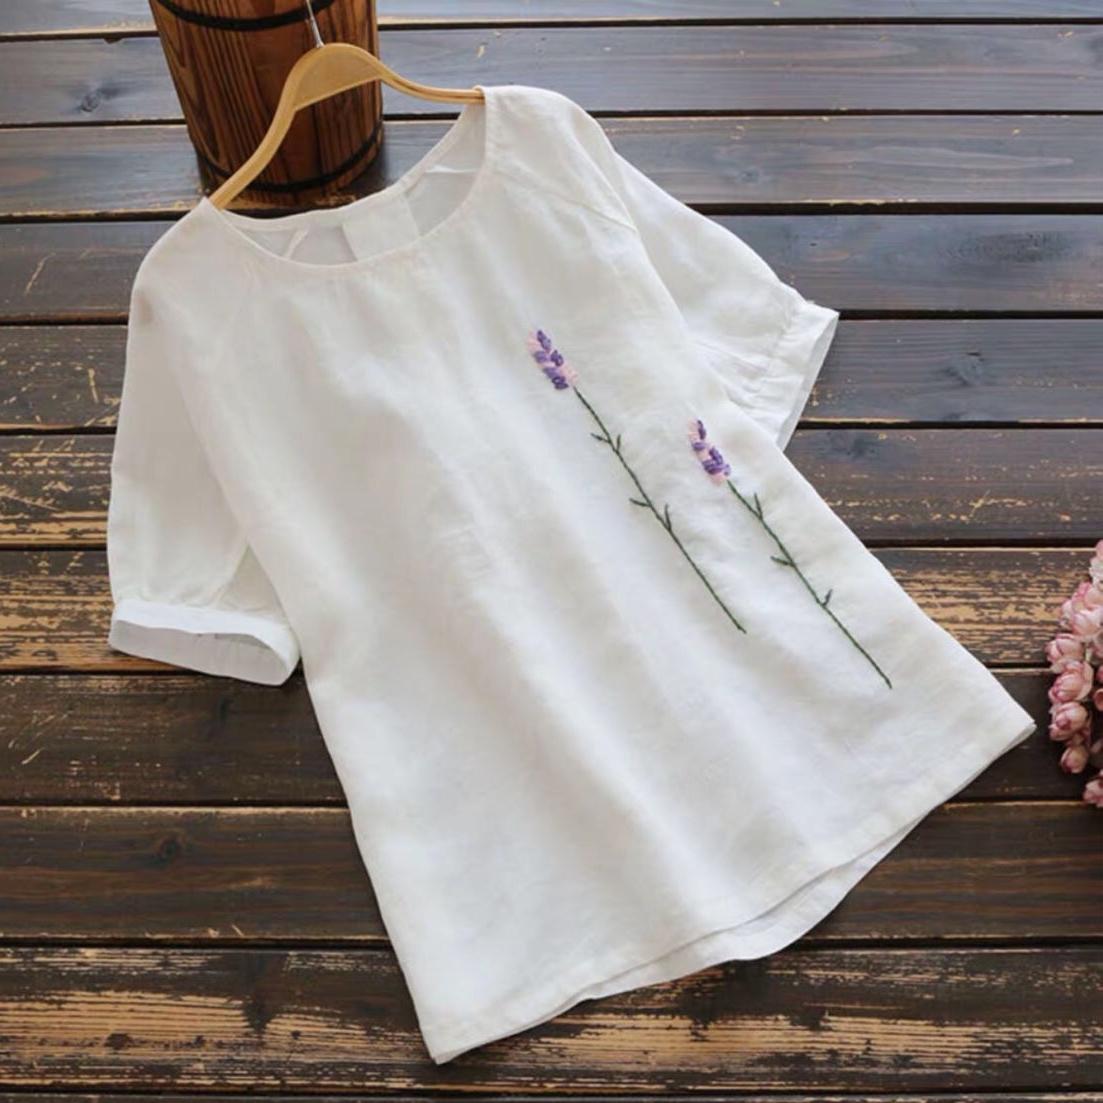 綿麻シンプルカジュアル刺繍ショート丈春夏ラウンドネックプルオーバー五分袖花柄Tシャツ